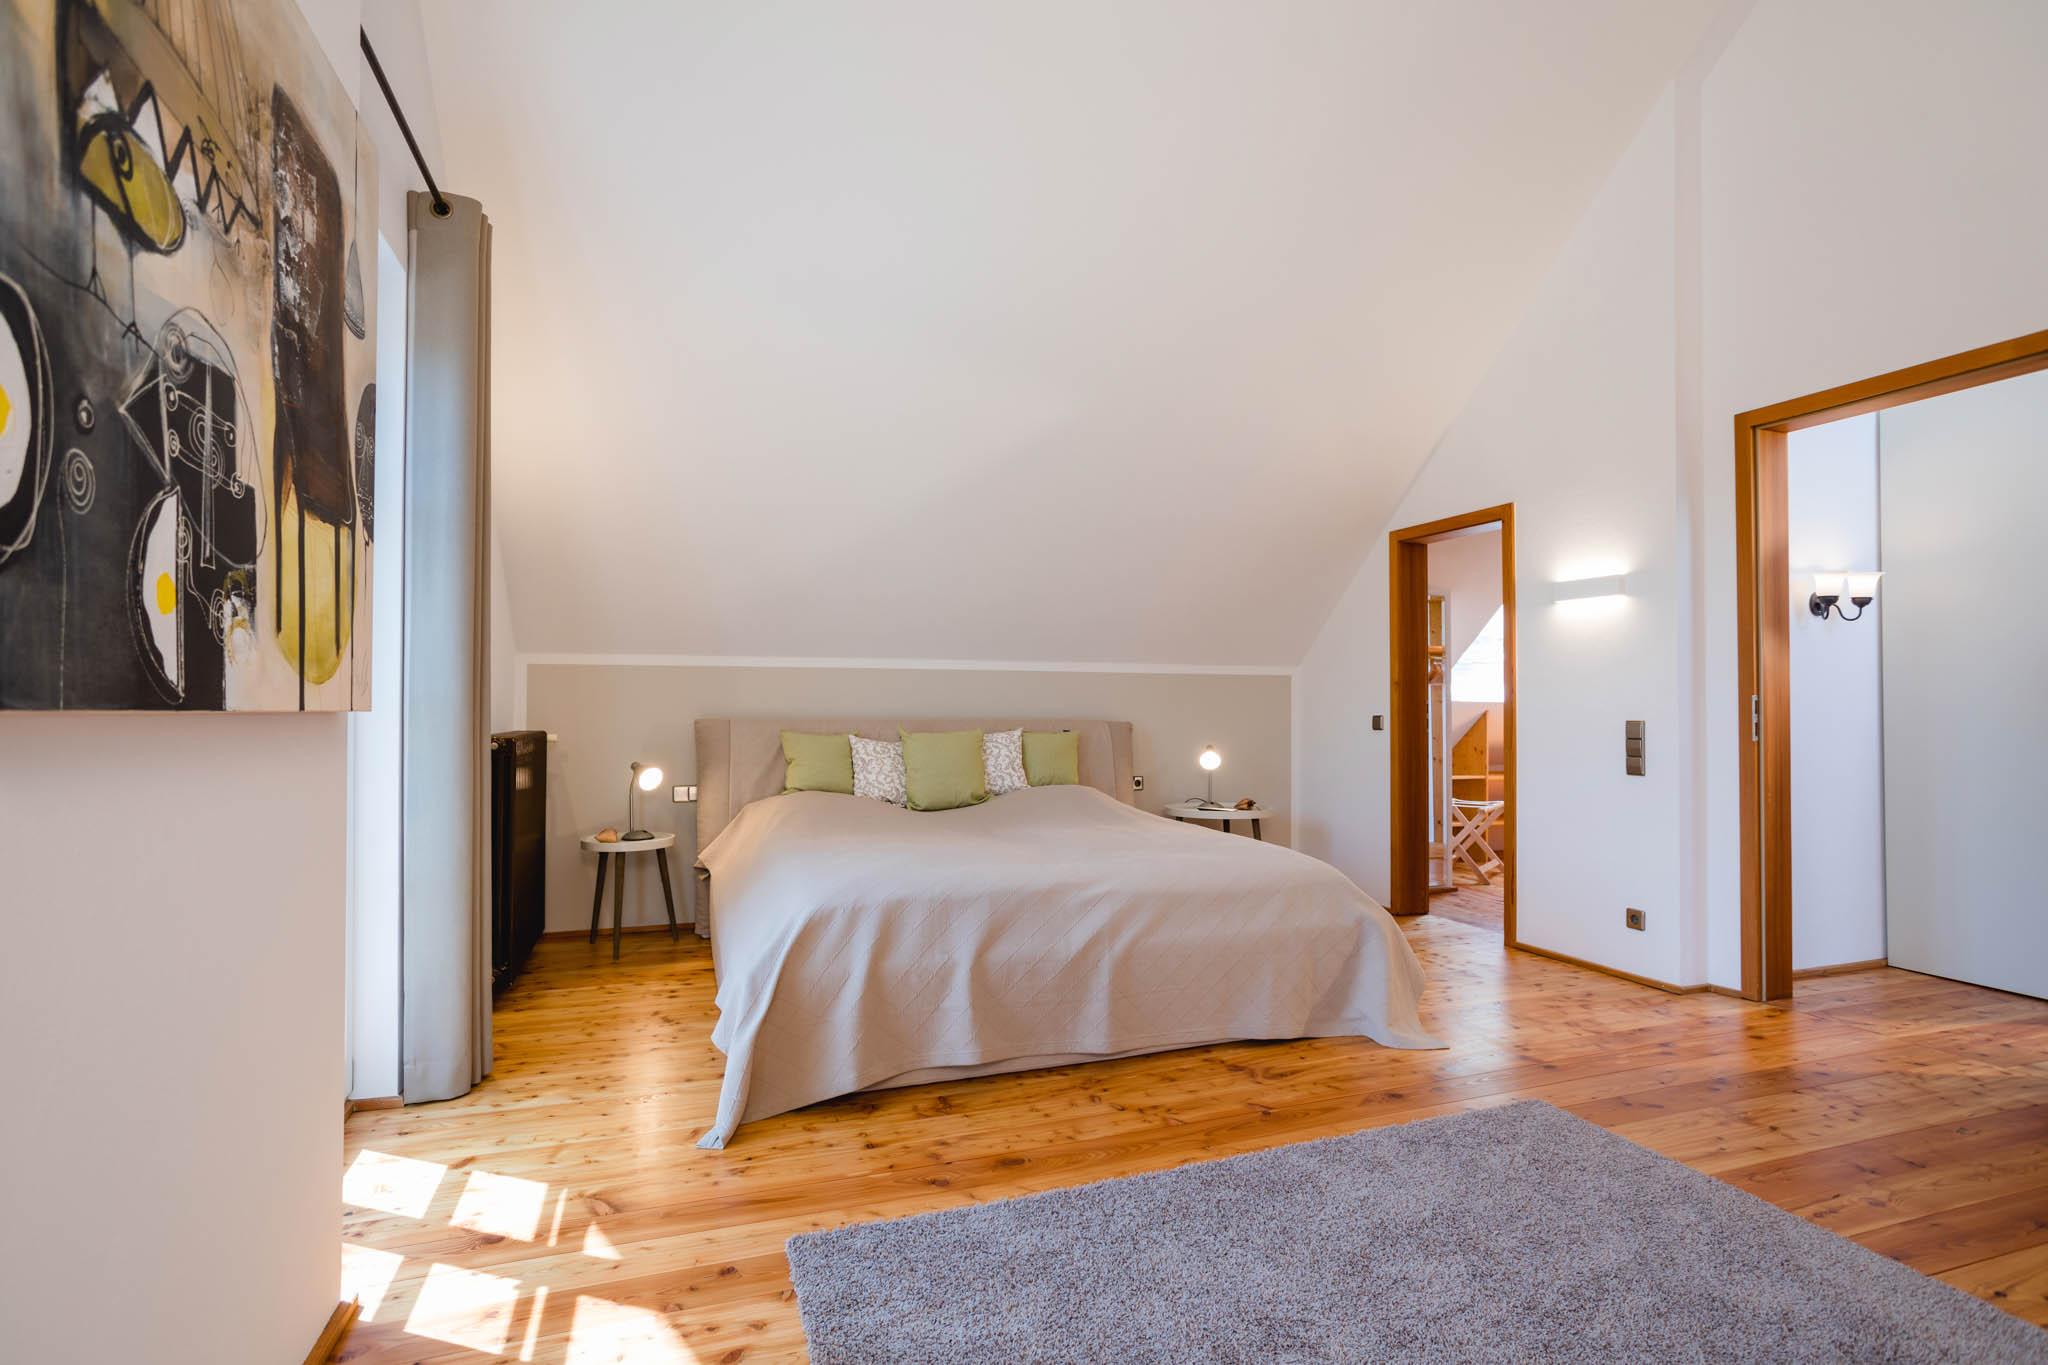 Masterschlafzimmer mit Doppelbett 200 x 200cm, DG